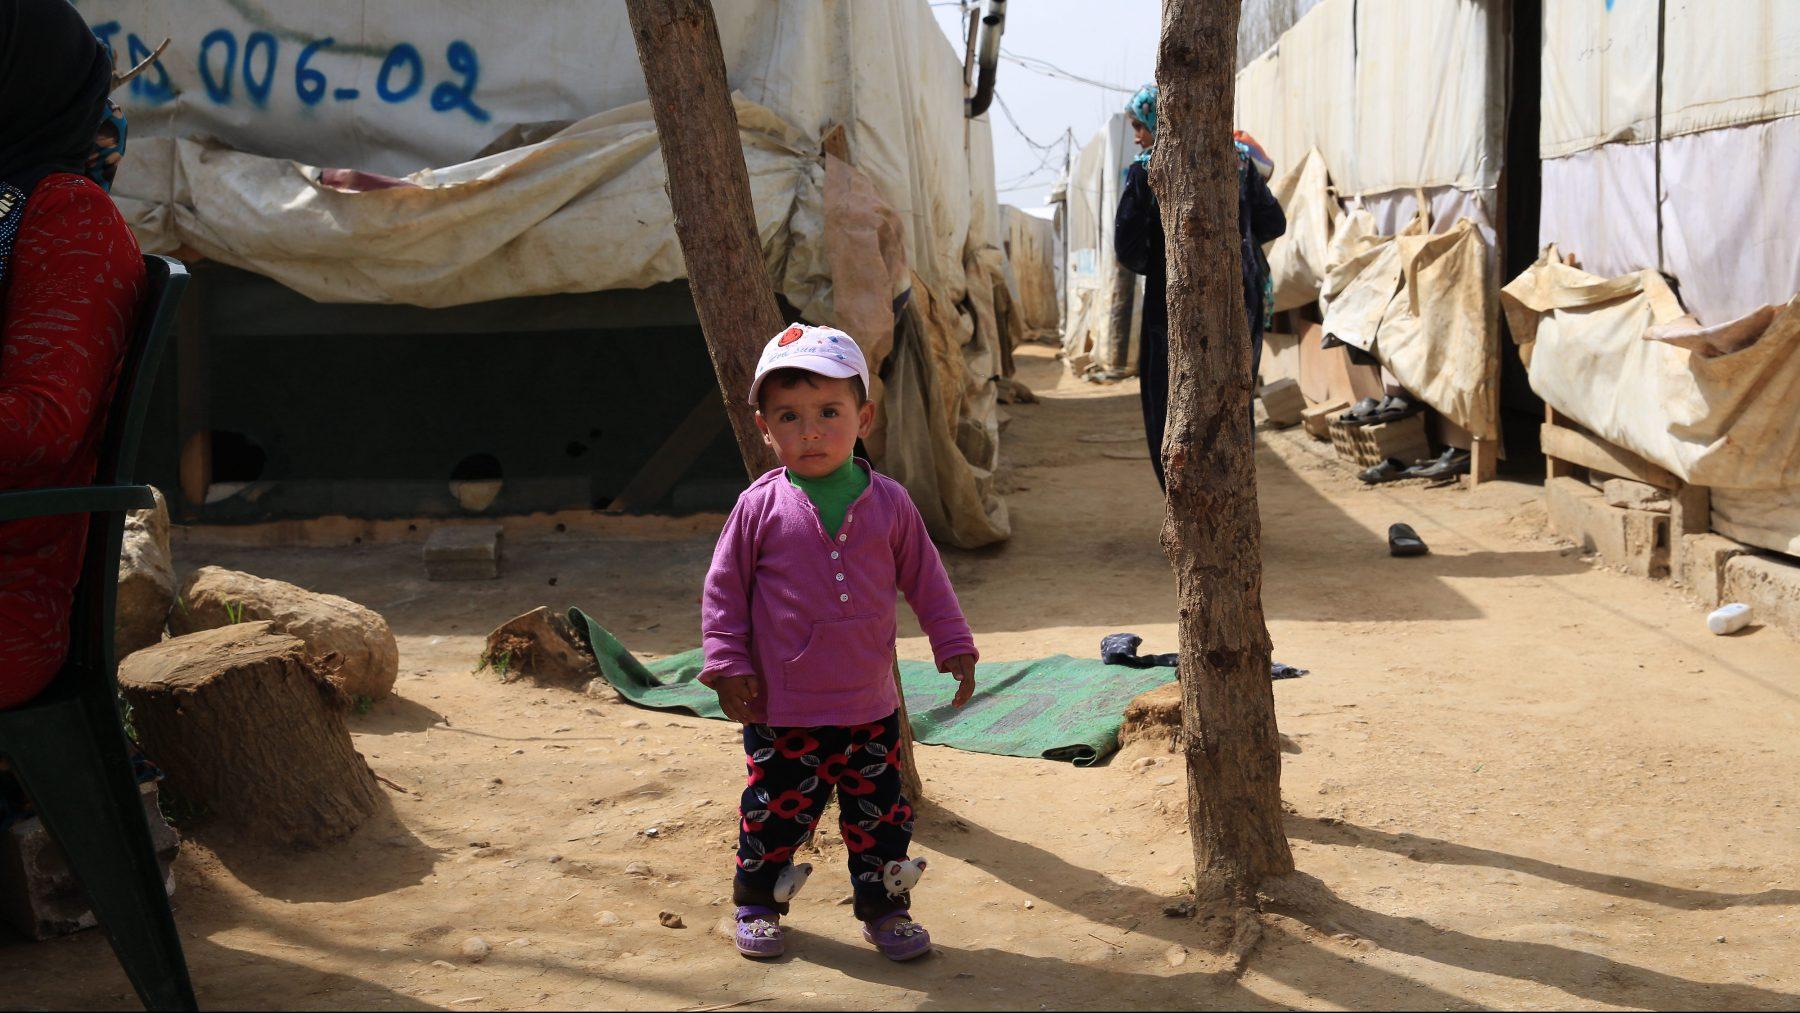 Ouders van Syriëgangers willen kinderen terughalen via stichting.